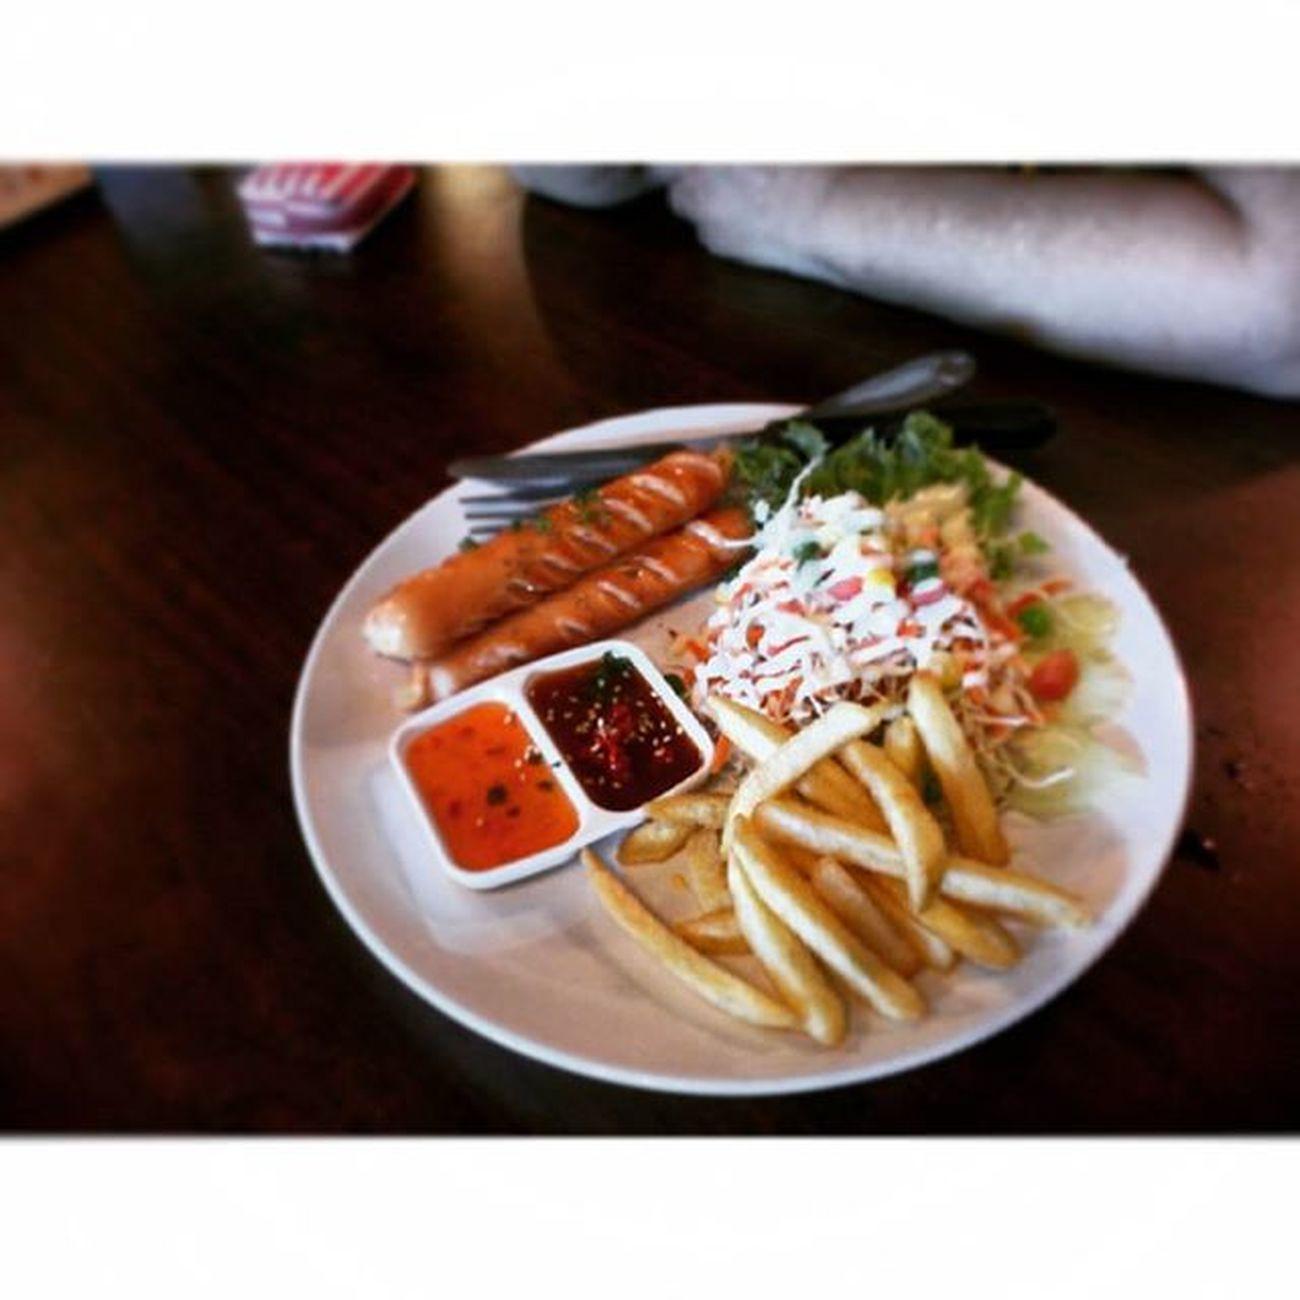 เสต้กไส้กรอกหนังกรอบบบมั่งงงง รีวิวไทยเเลนด์ Food Reviewthailand Reviewkorat